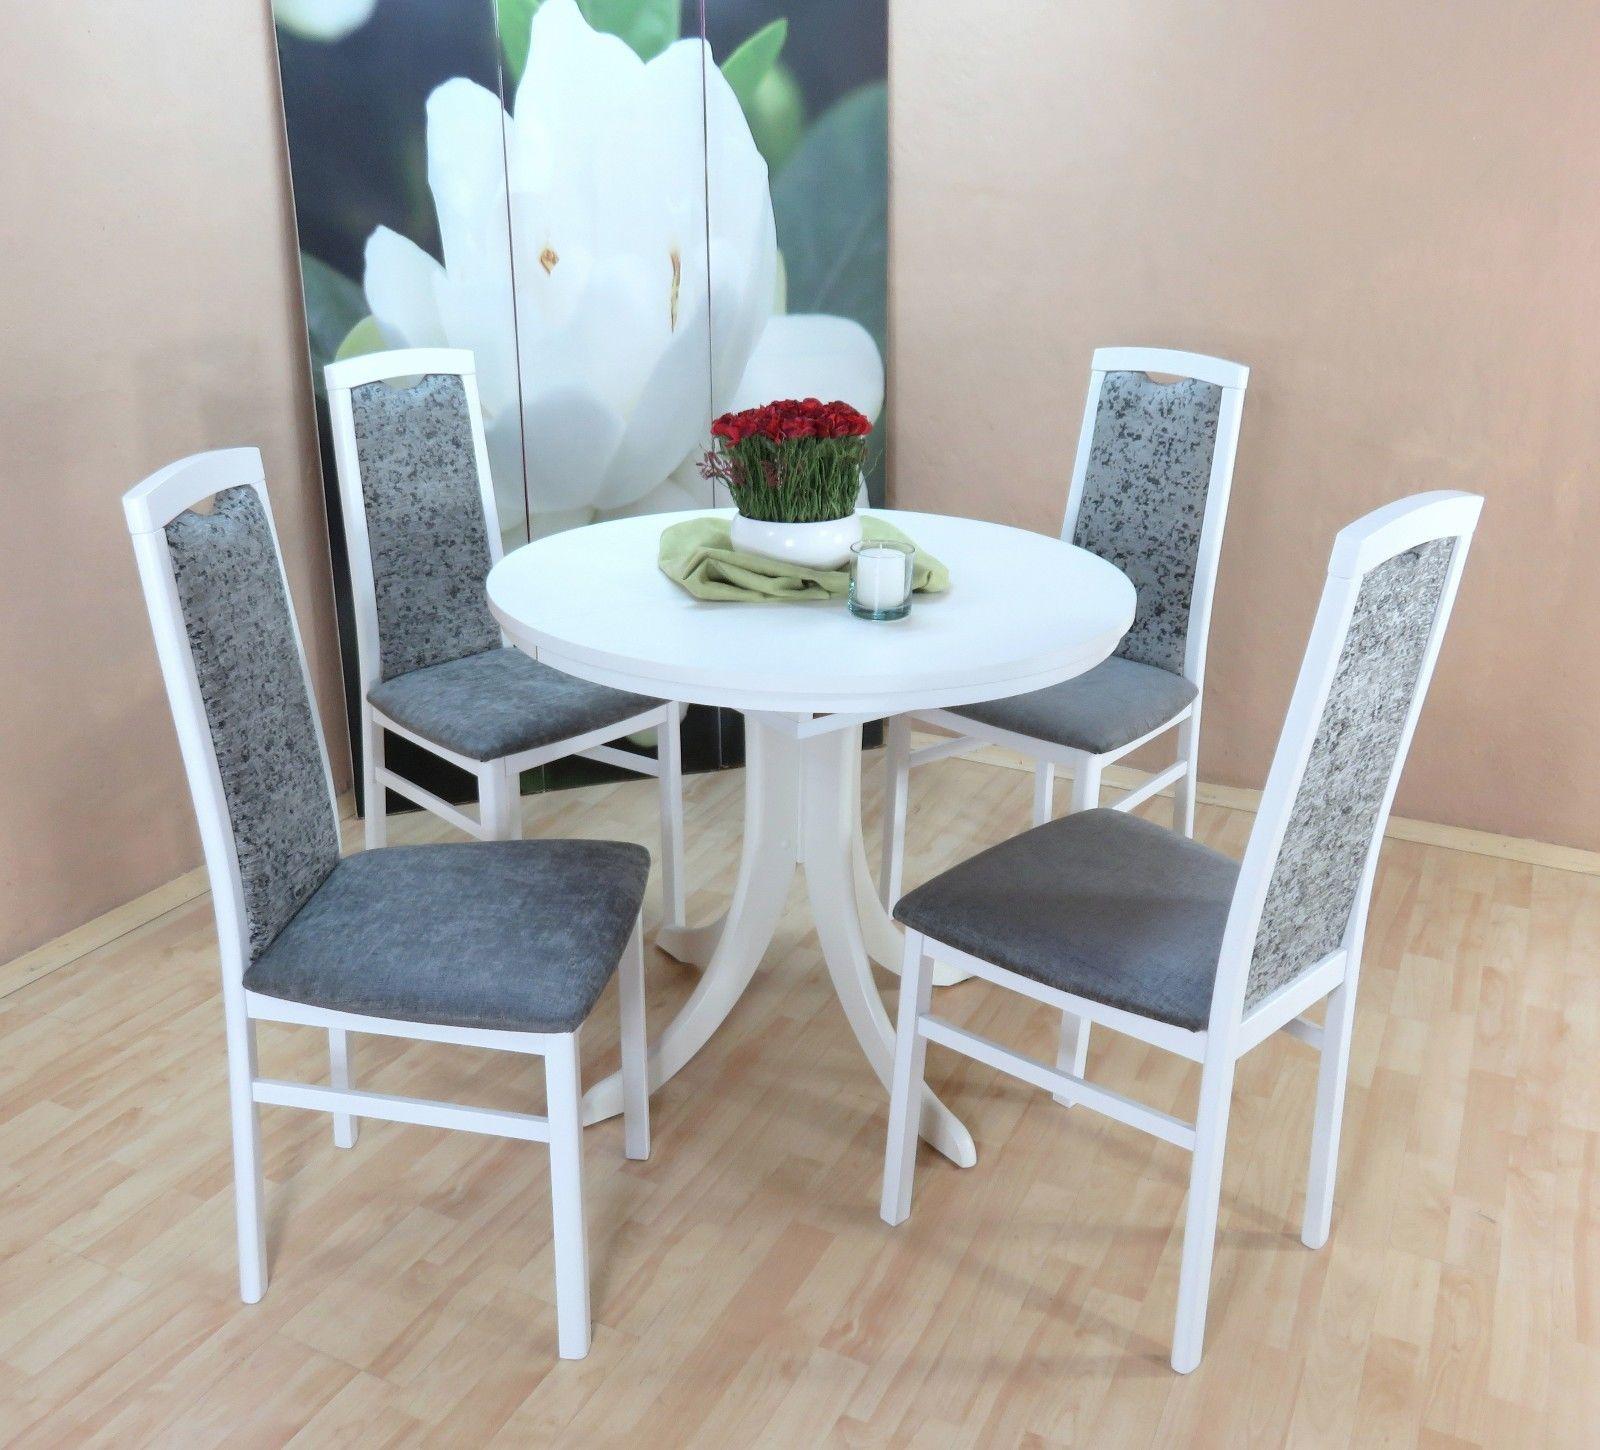 essgruppe rund polyrattan farsund mm sthle tisch rund cm. Black Bedroom Furniture Sets. Home Design Ideas